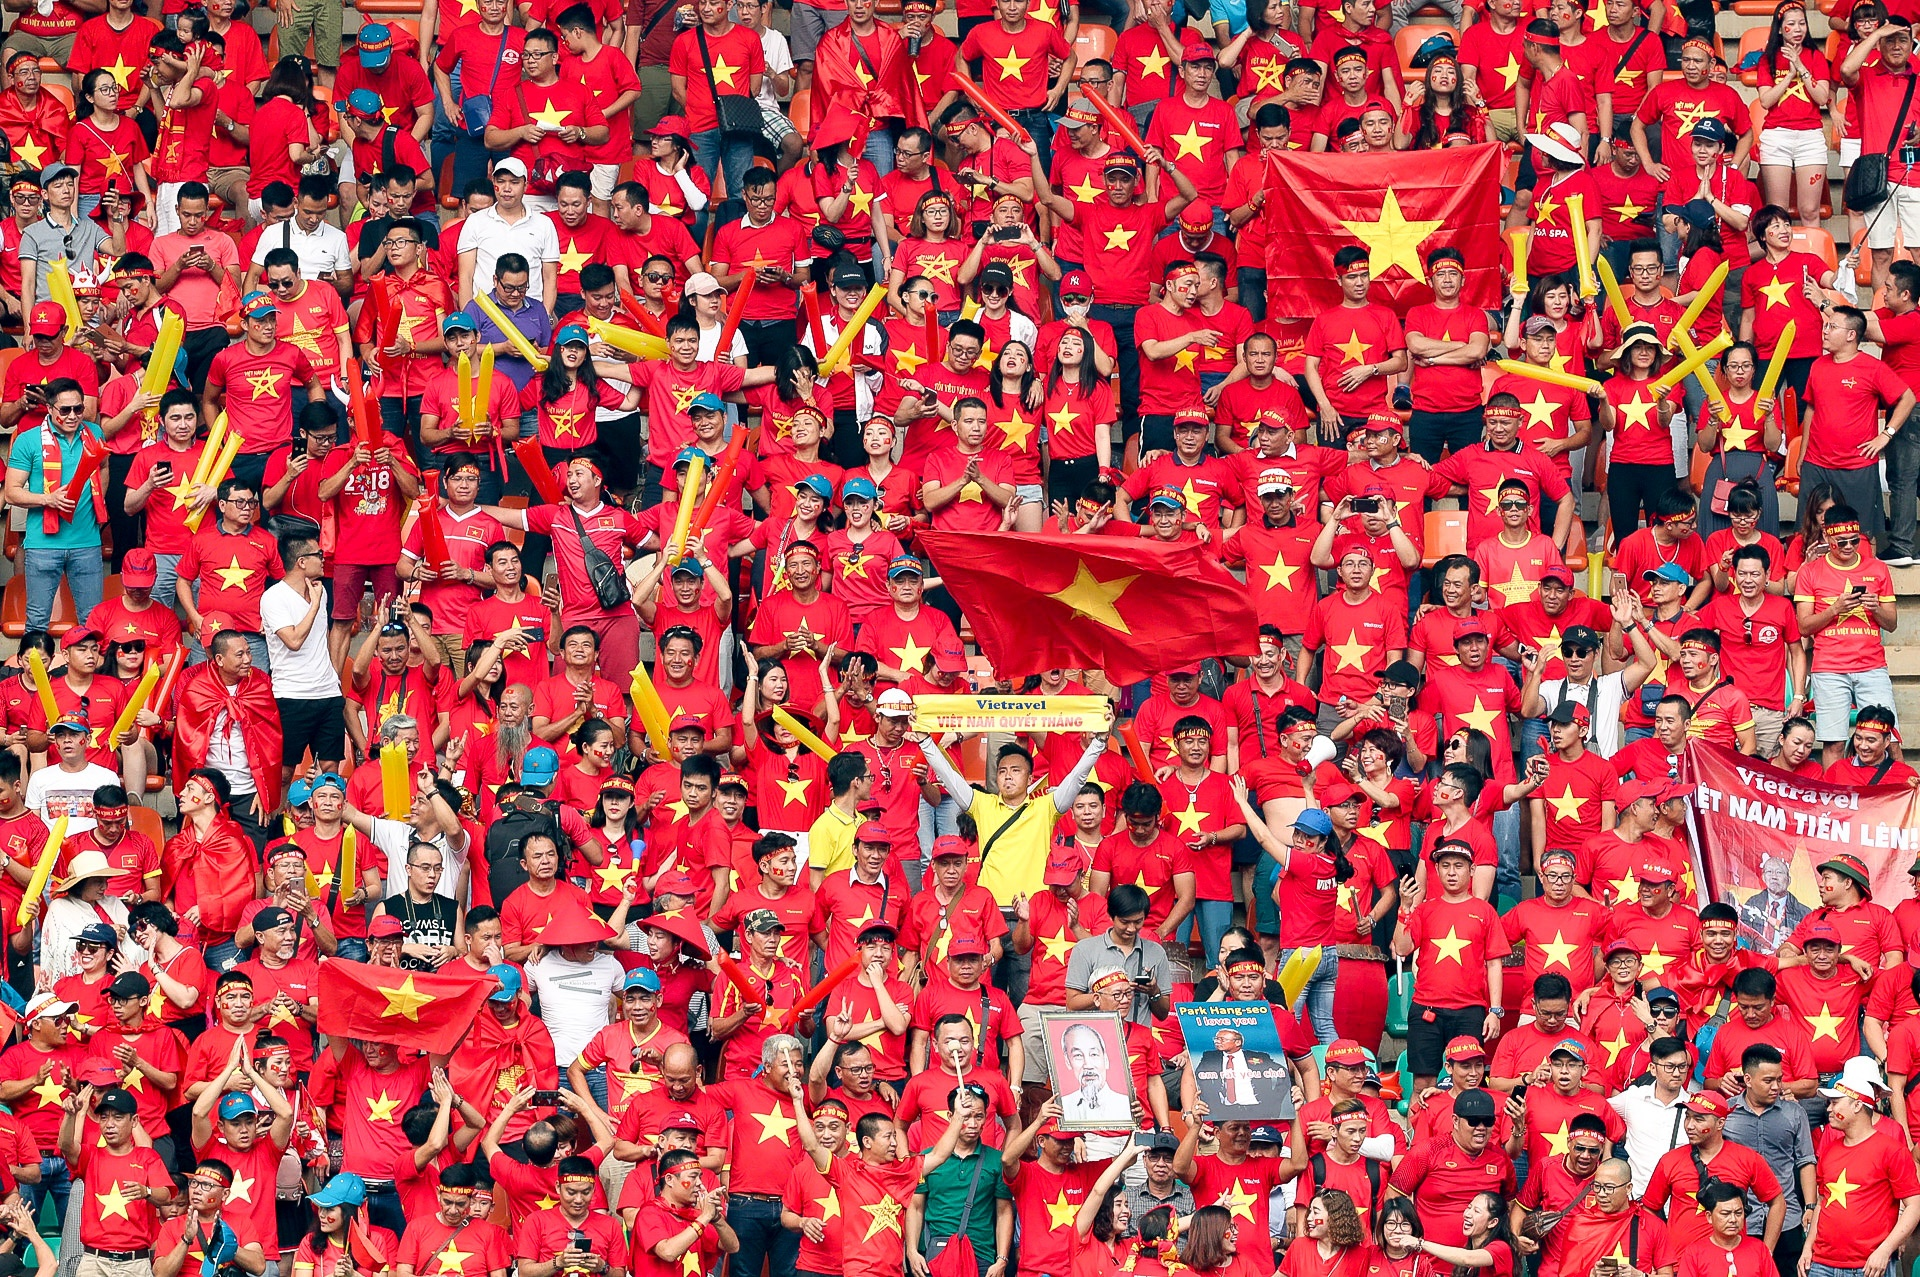 Hanh trinh cua Olympic Viet Nam tai ASIAD anh 11